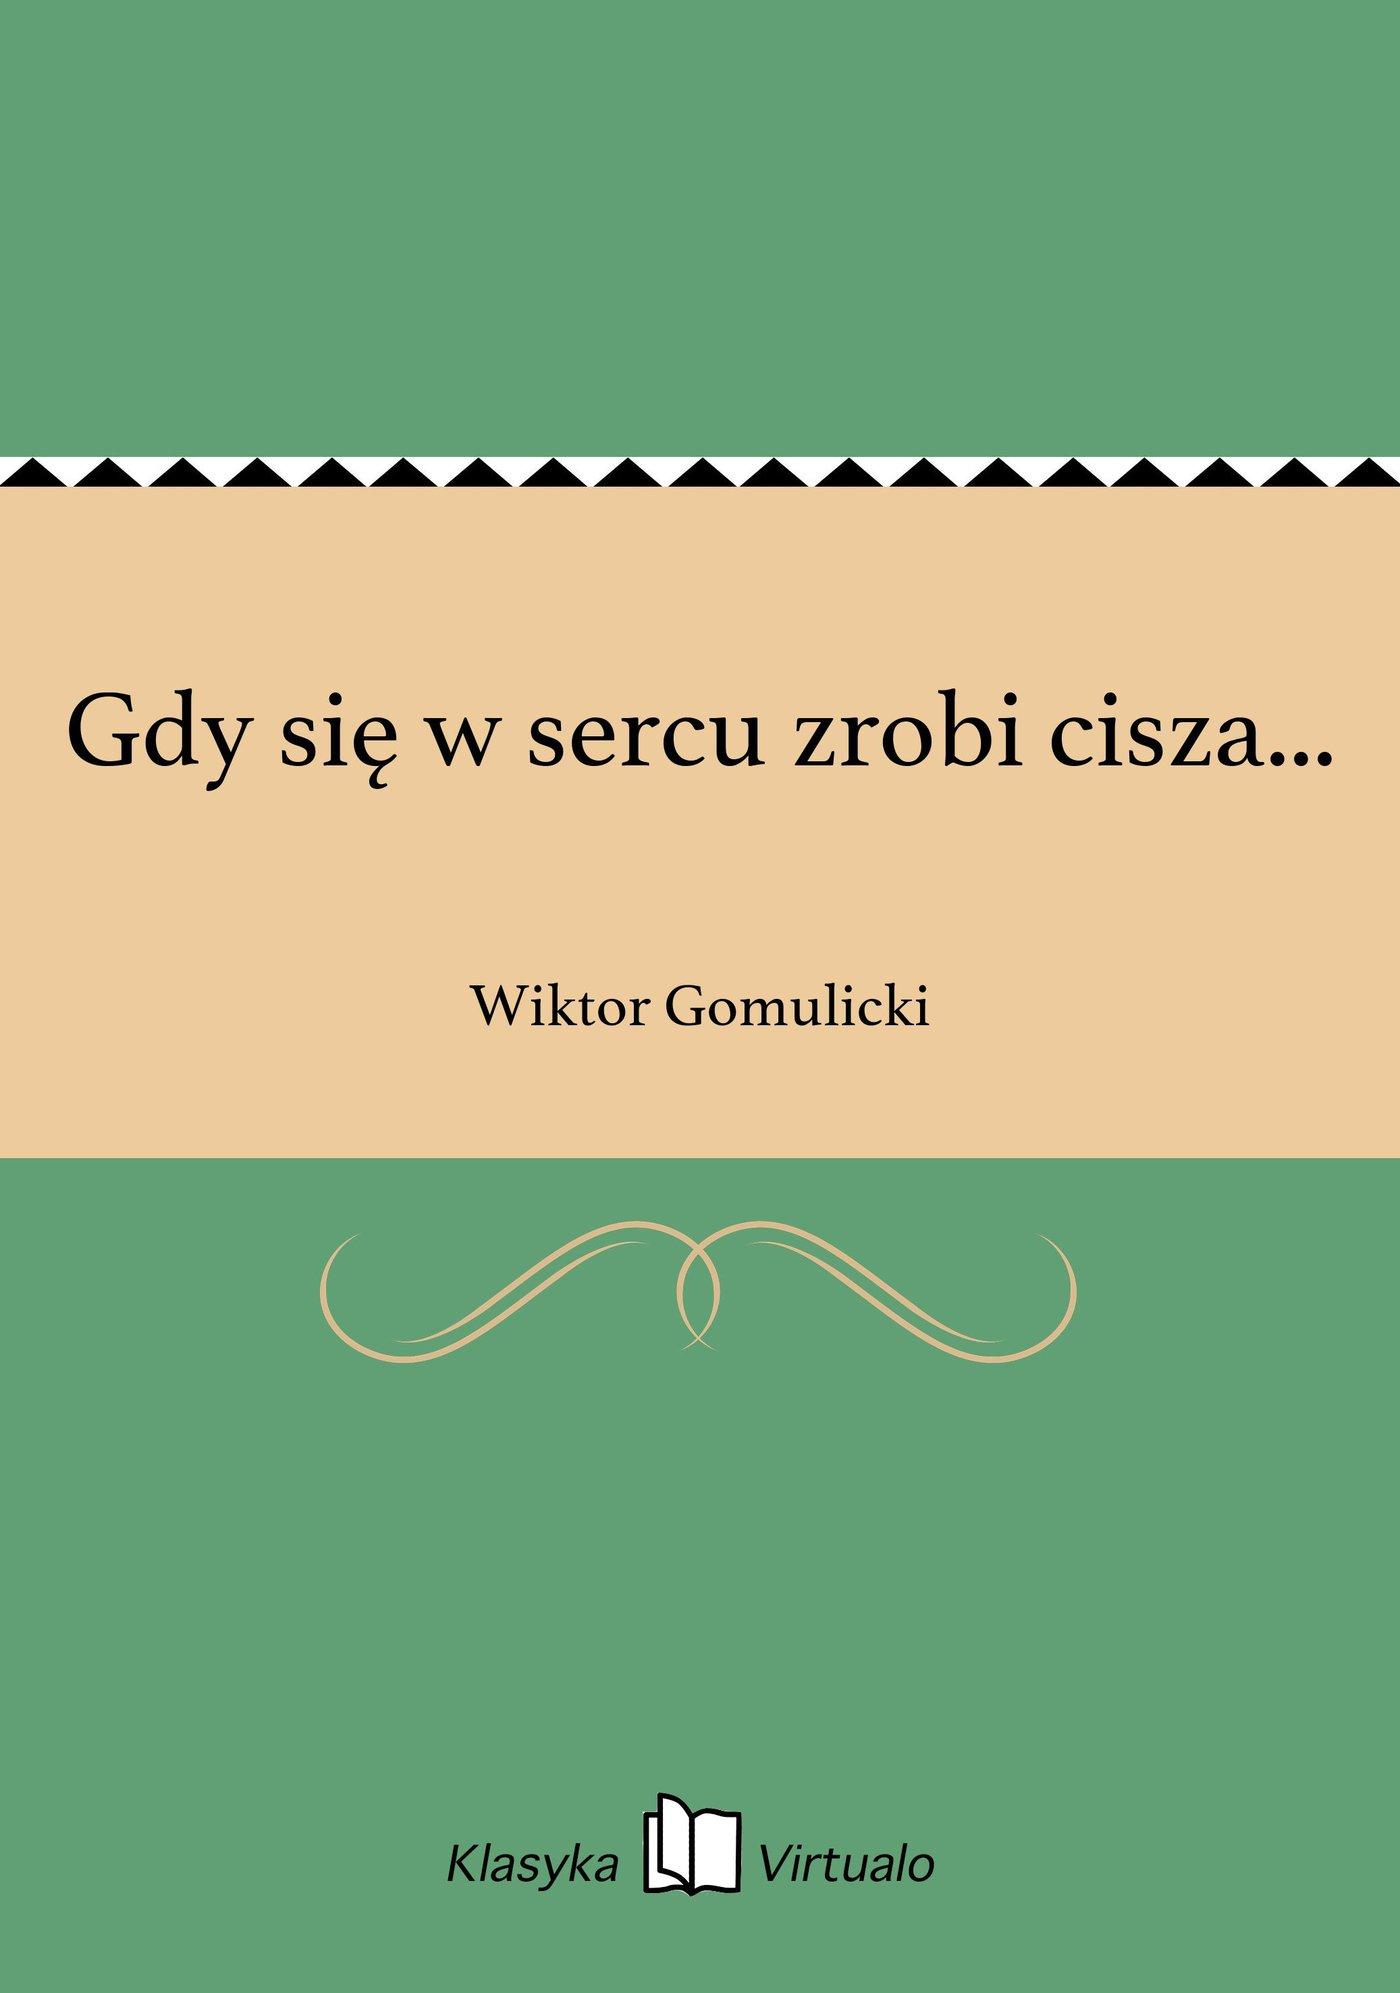 Gdy się w sercu zrobi cisza... - Ebook (Książka na Kindle) do pobrania w formacie MOBI